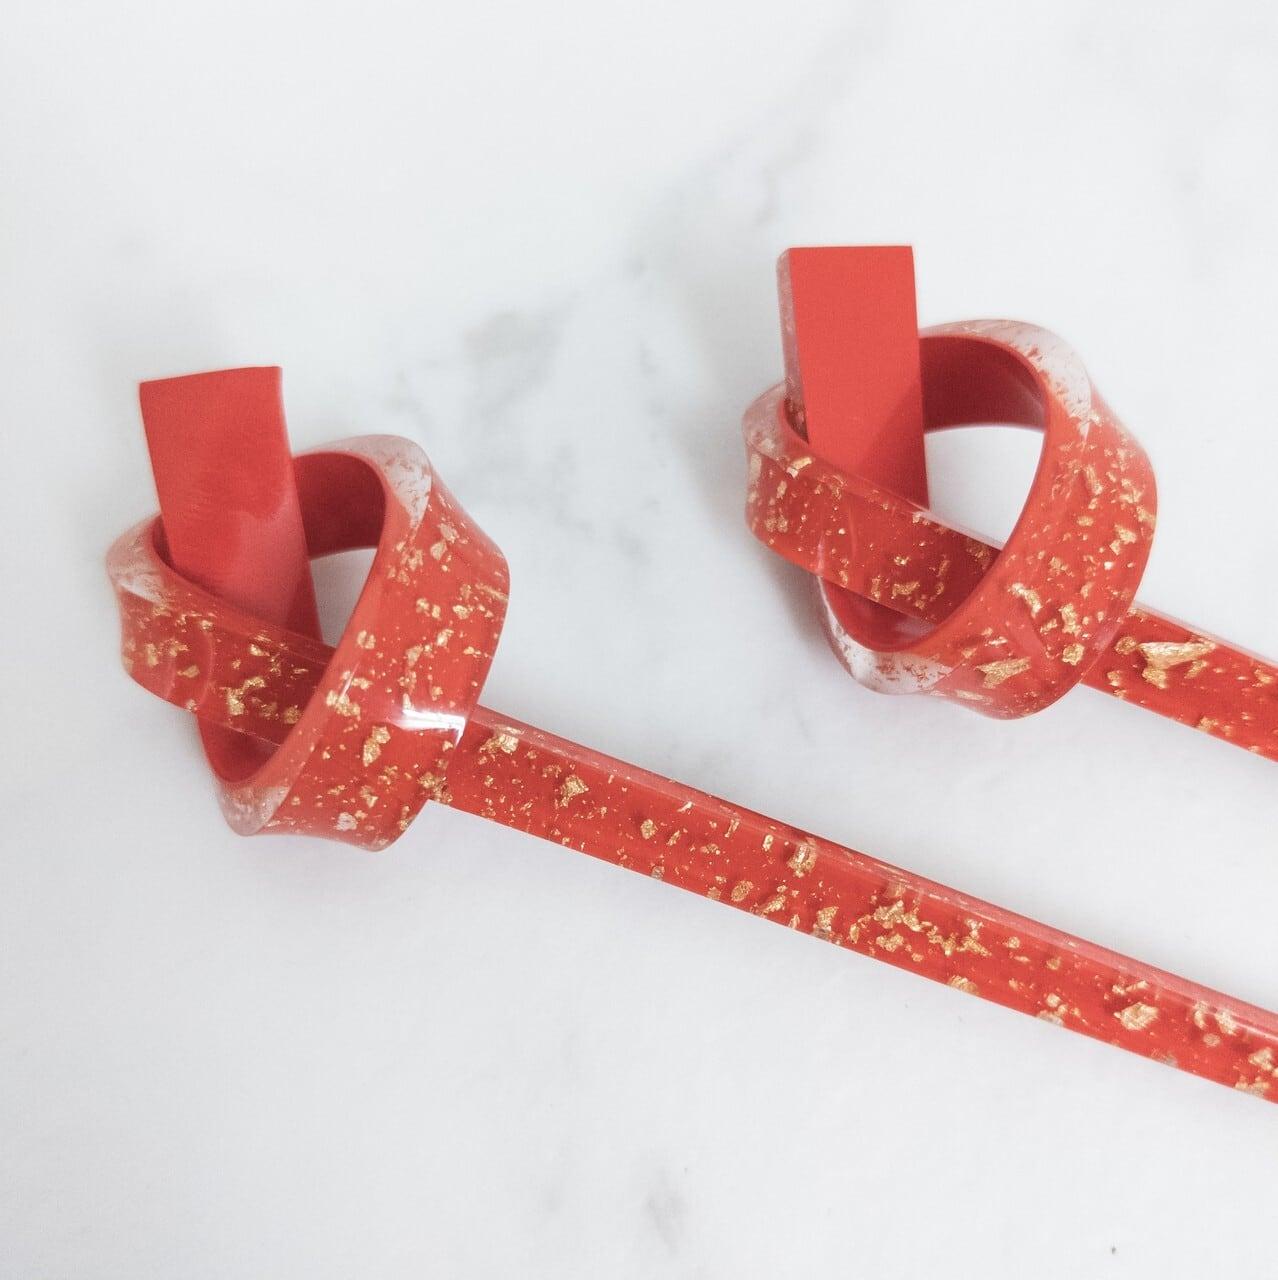 【デッドストック】のし結び型かんざし2本セット 赤×金 透明感